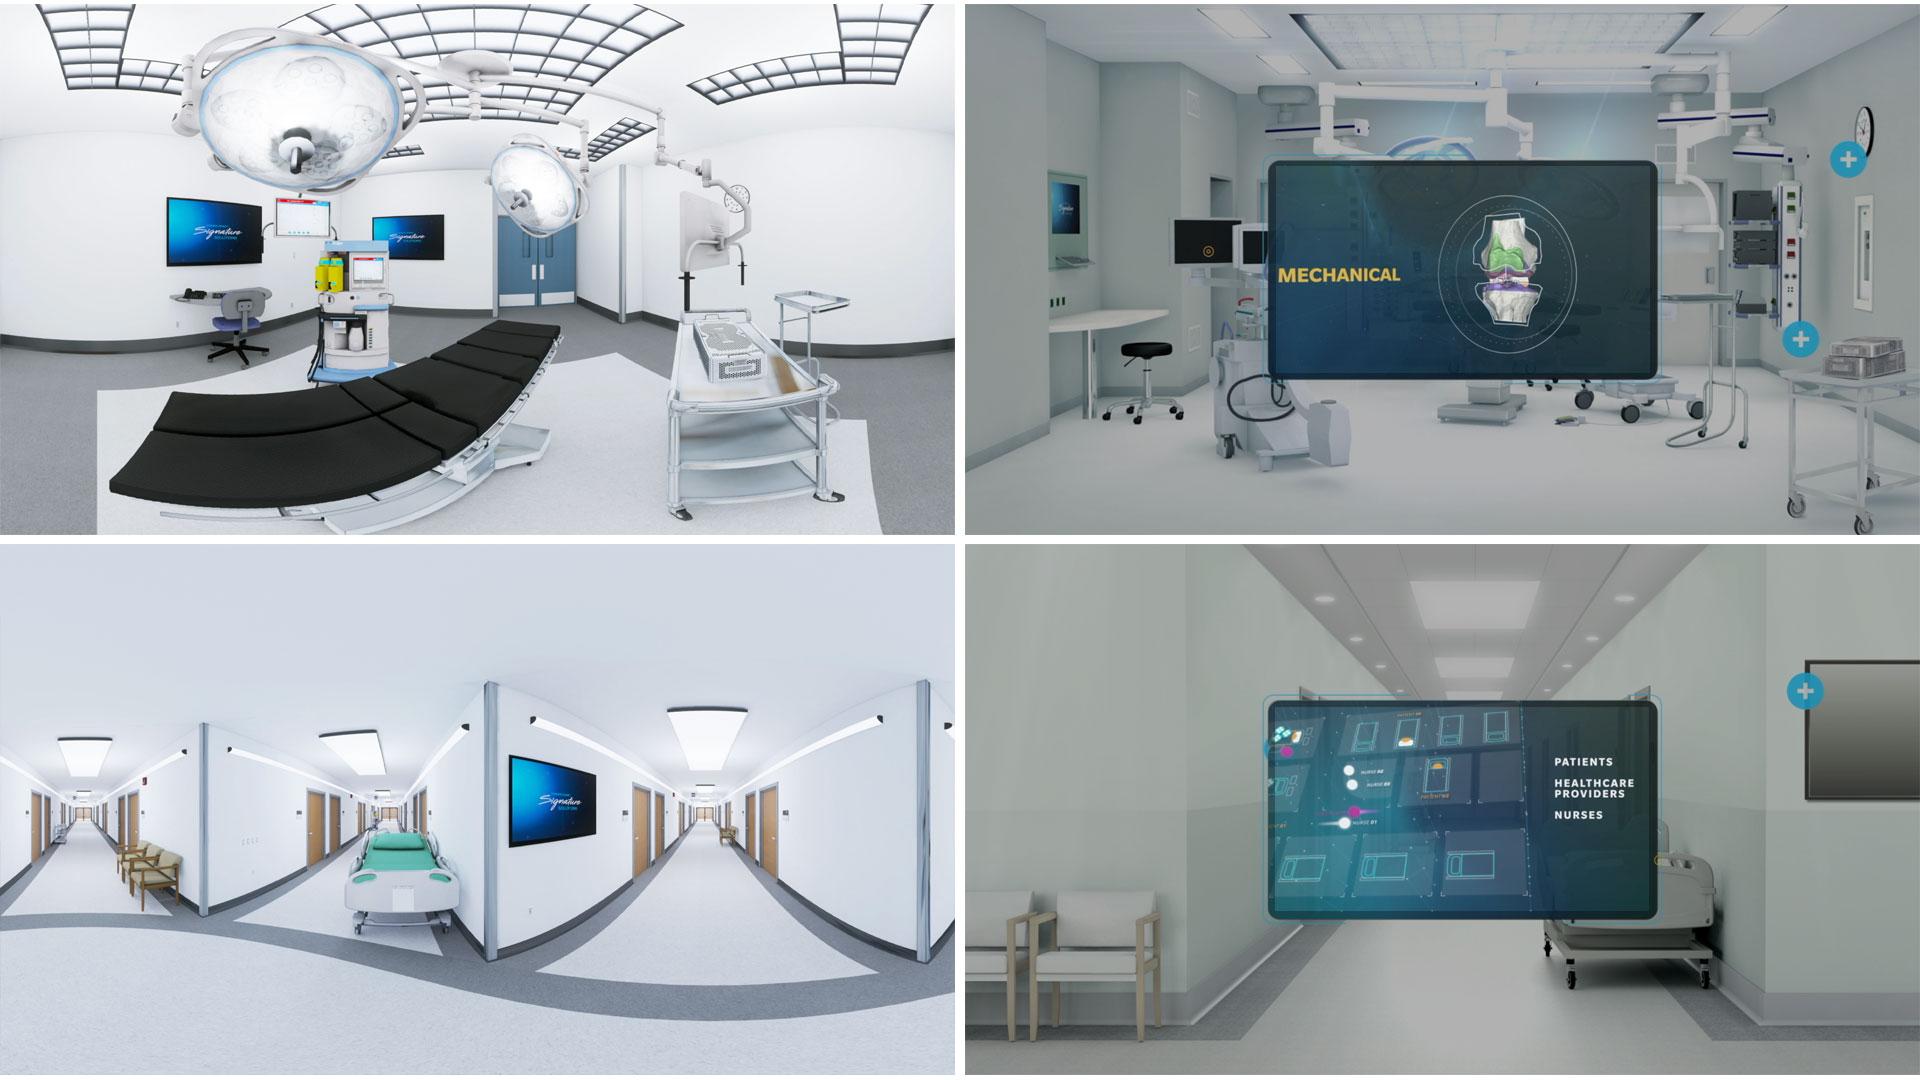 VR Medical Mobile App